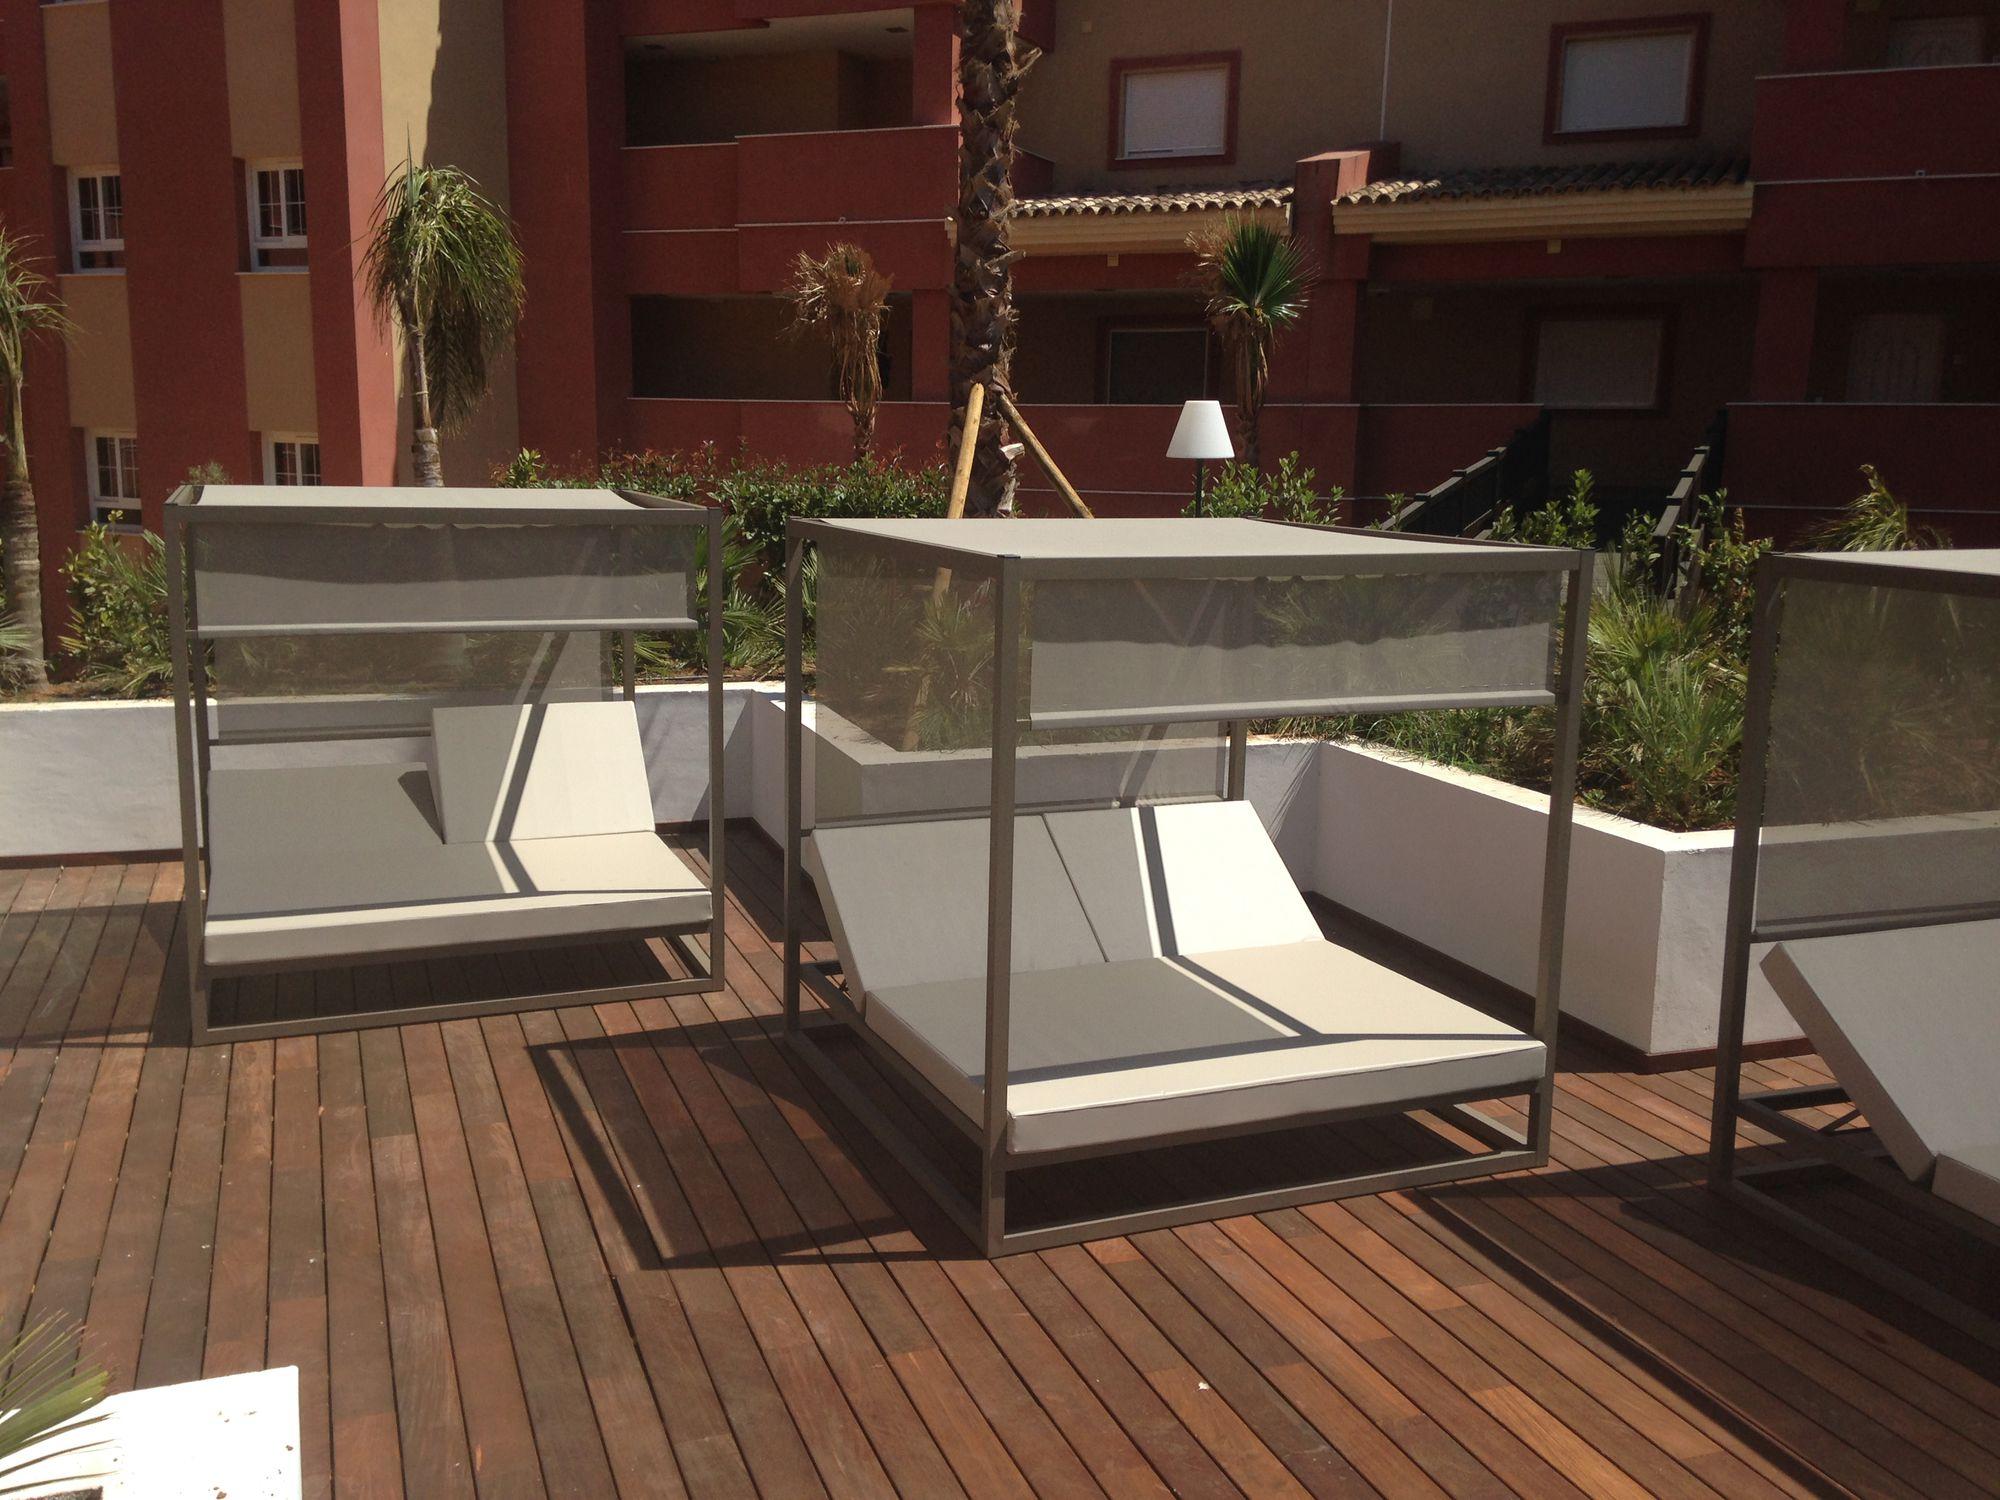 Full Size of Bali Bett Outdoor Kaufen Moderne Sonnenliege Sachi Premium Furniture 90x200 Weiß Mit Schubladen 180x200 Komplett Lattenrost Und Matratze Bopita 200x180 Wohnzimmer Bali Bett Outdoor